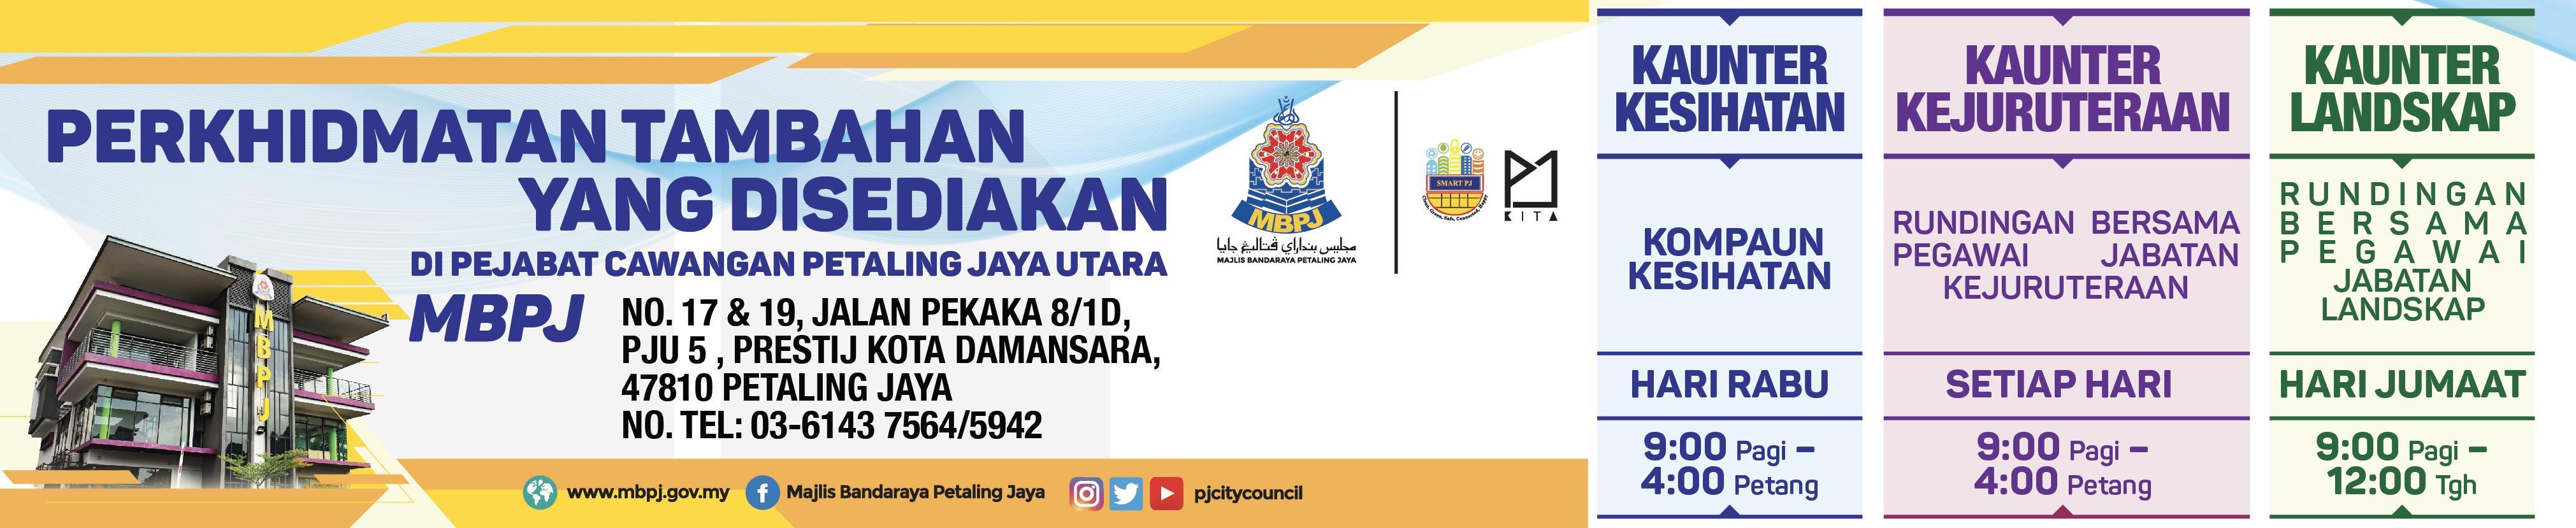 Banner Perkhidmatan Tambahan Cawangan MBPJ